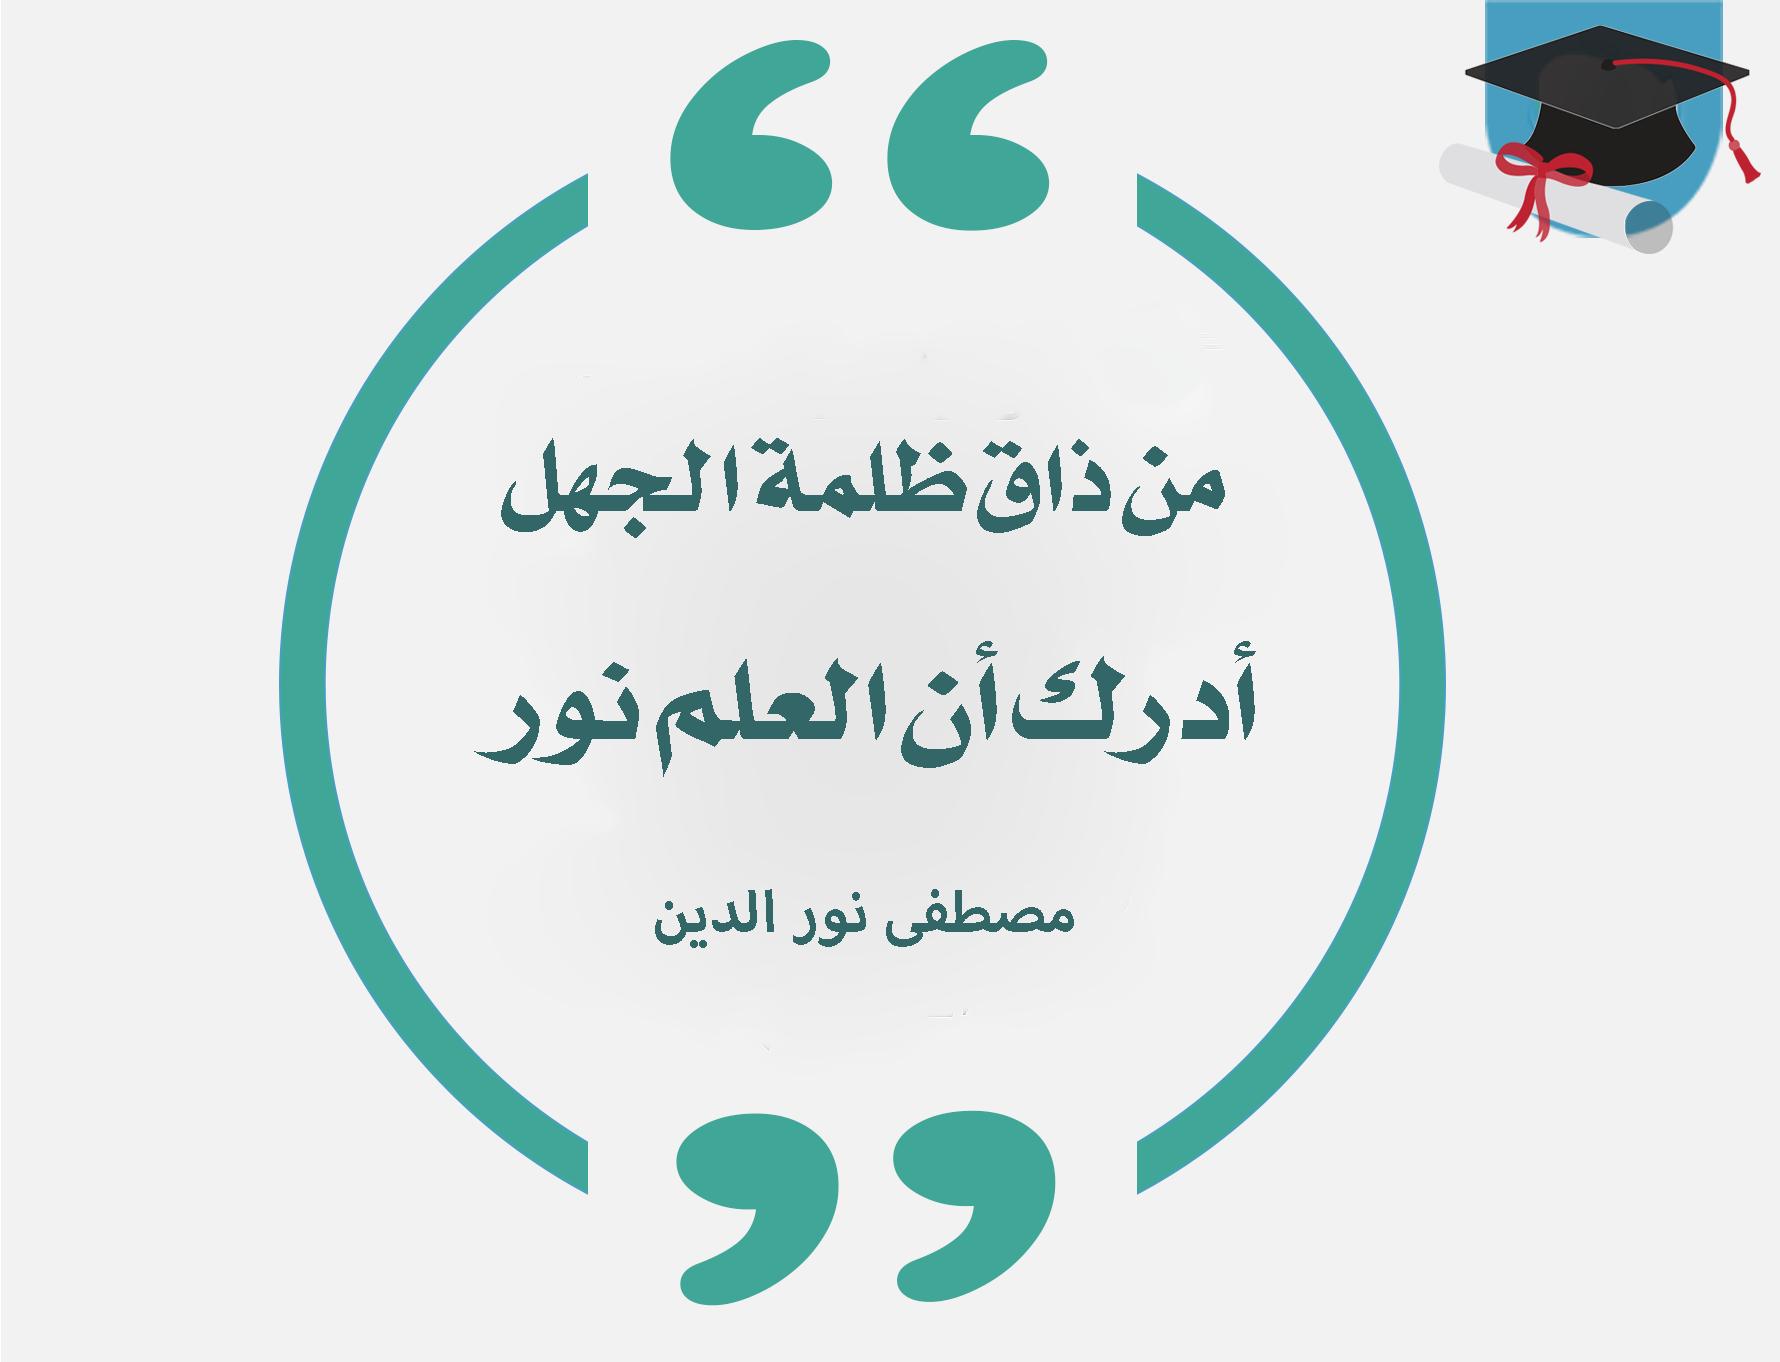 اقوال عن طلب العلم من ذاق ظلمة الجهل أدرك أن العلم نور مصطفى نور الدين Life Quotes Quotes Teaching